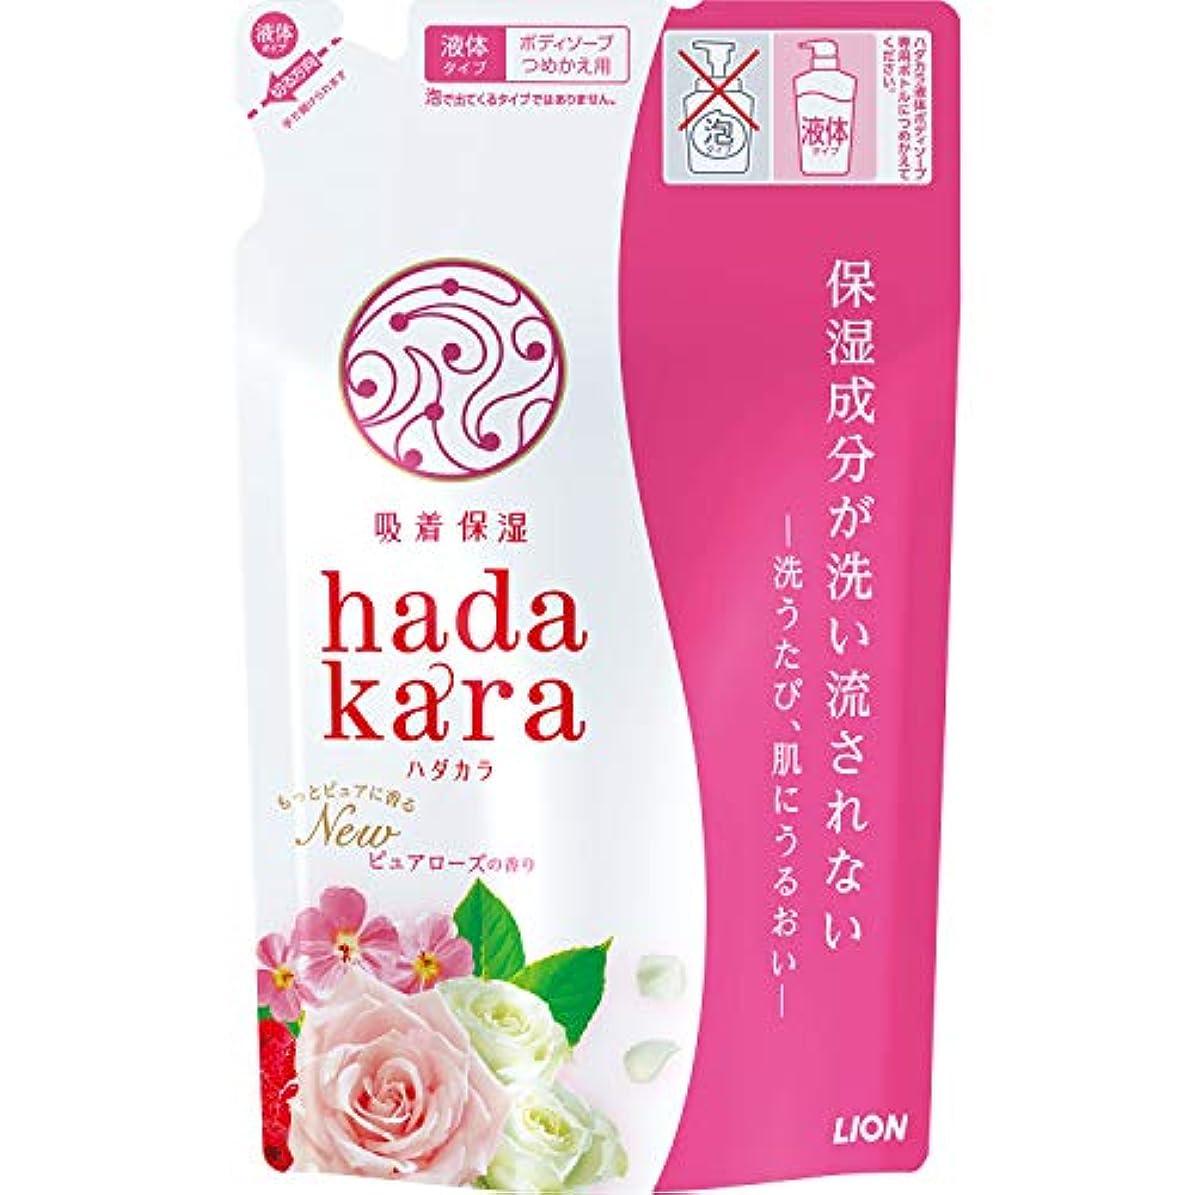 肉腫受け継ぐ寺院hadakara(ハダカラ) ボディソープ ピュアローズの香り 詰め替え 360ml